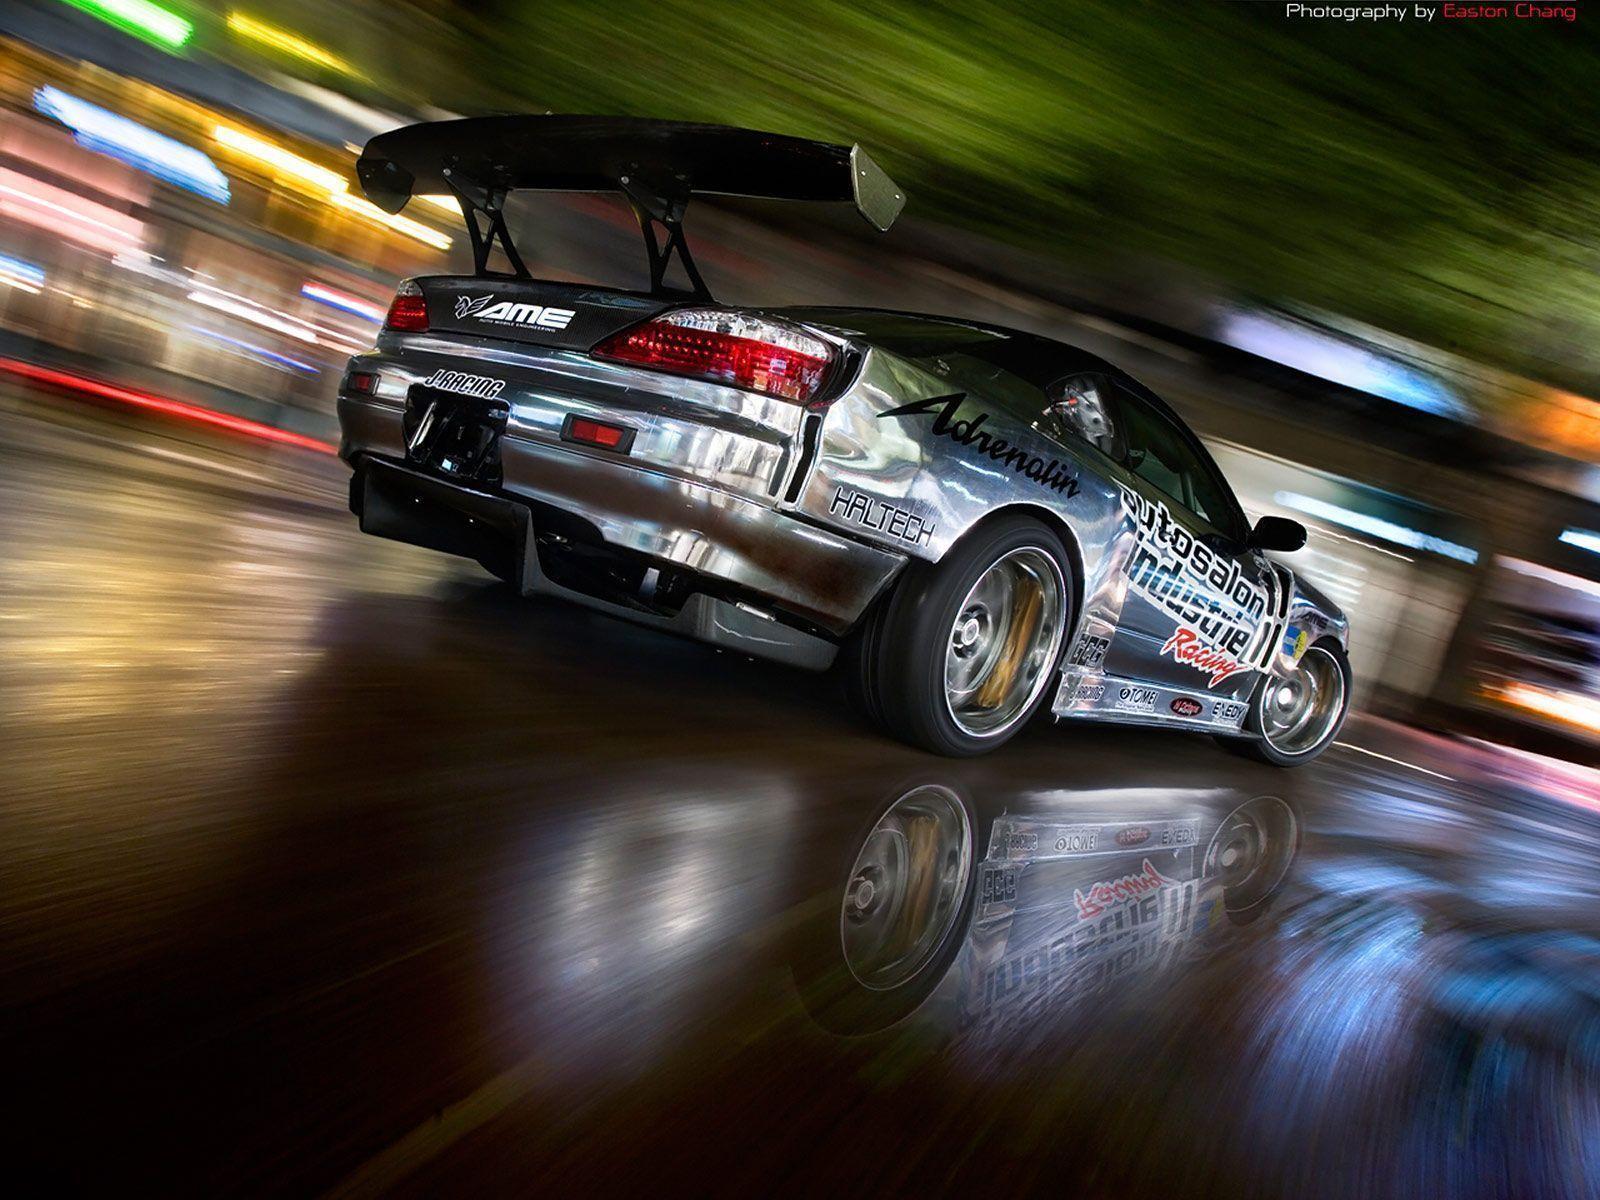 Drift Car Wallpapers 1600x1200